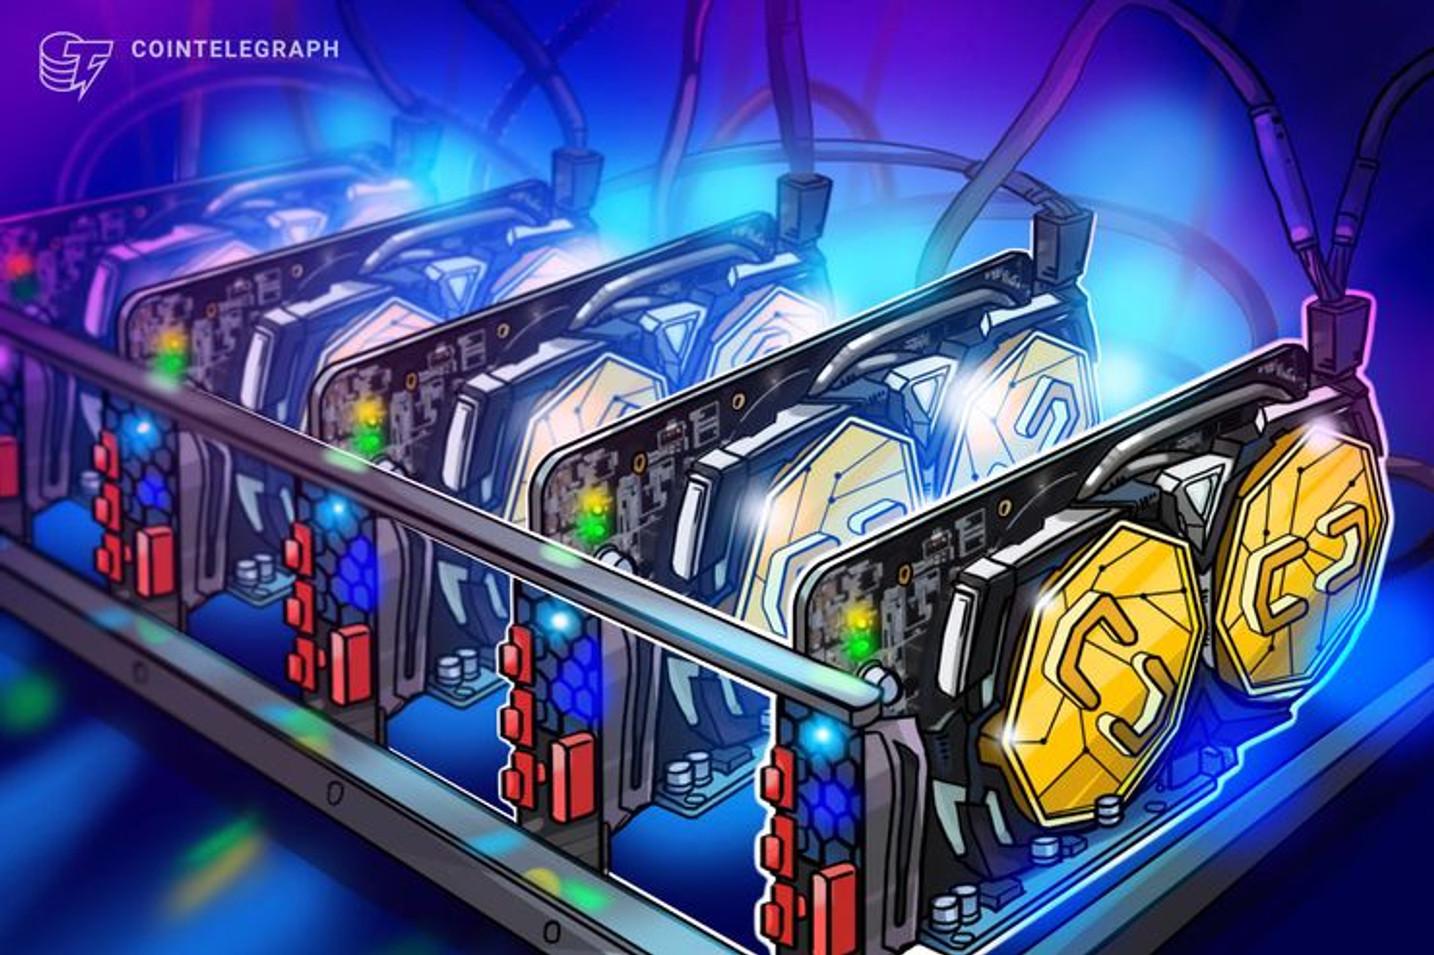 CoinMetrics mostra que mineradoras de Bitcoin consumiram, em 3 anos, a mesma energia que motoristas dos EUA em 3 dias